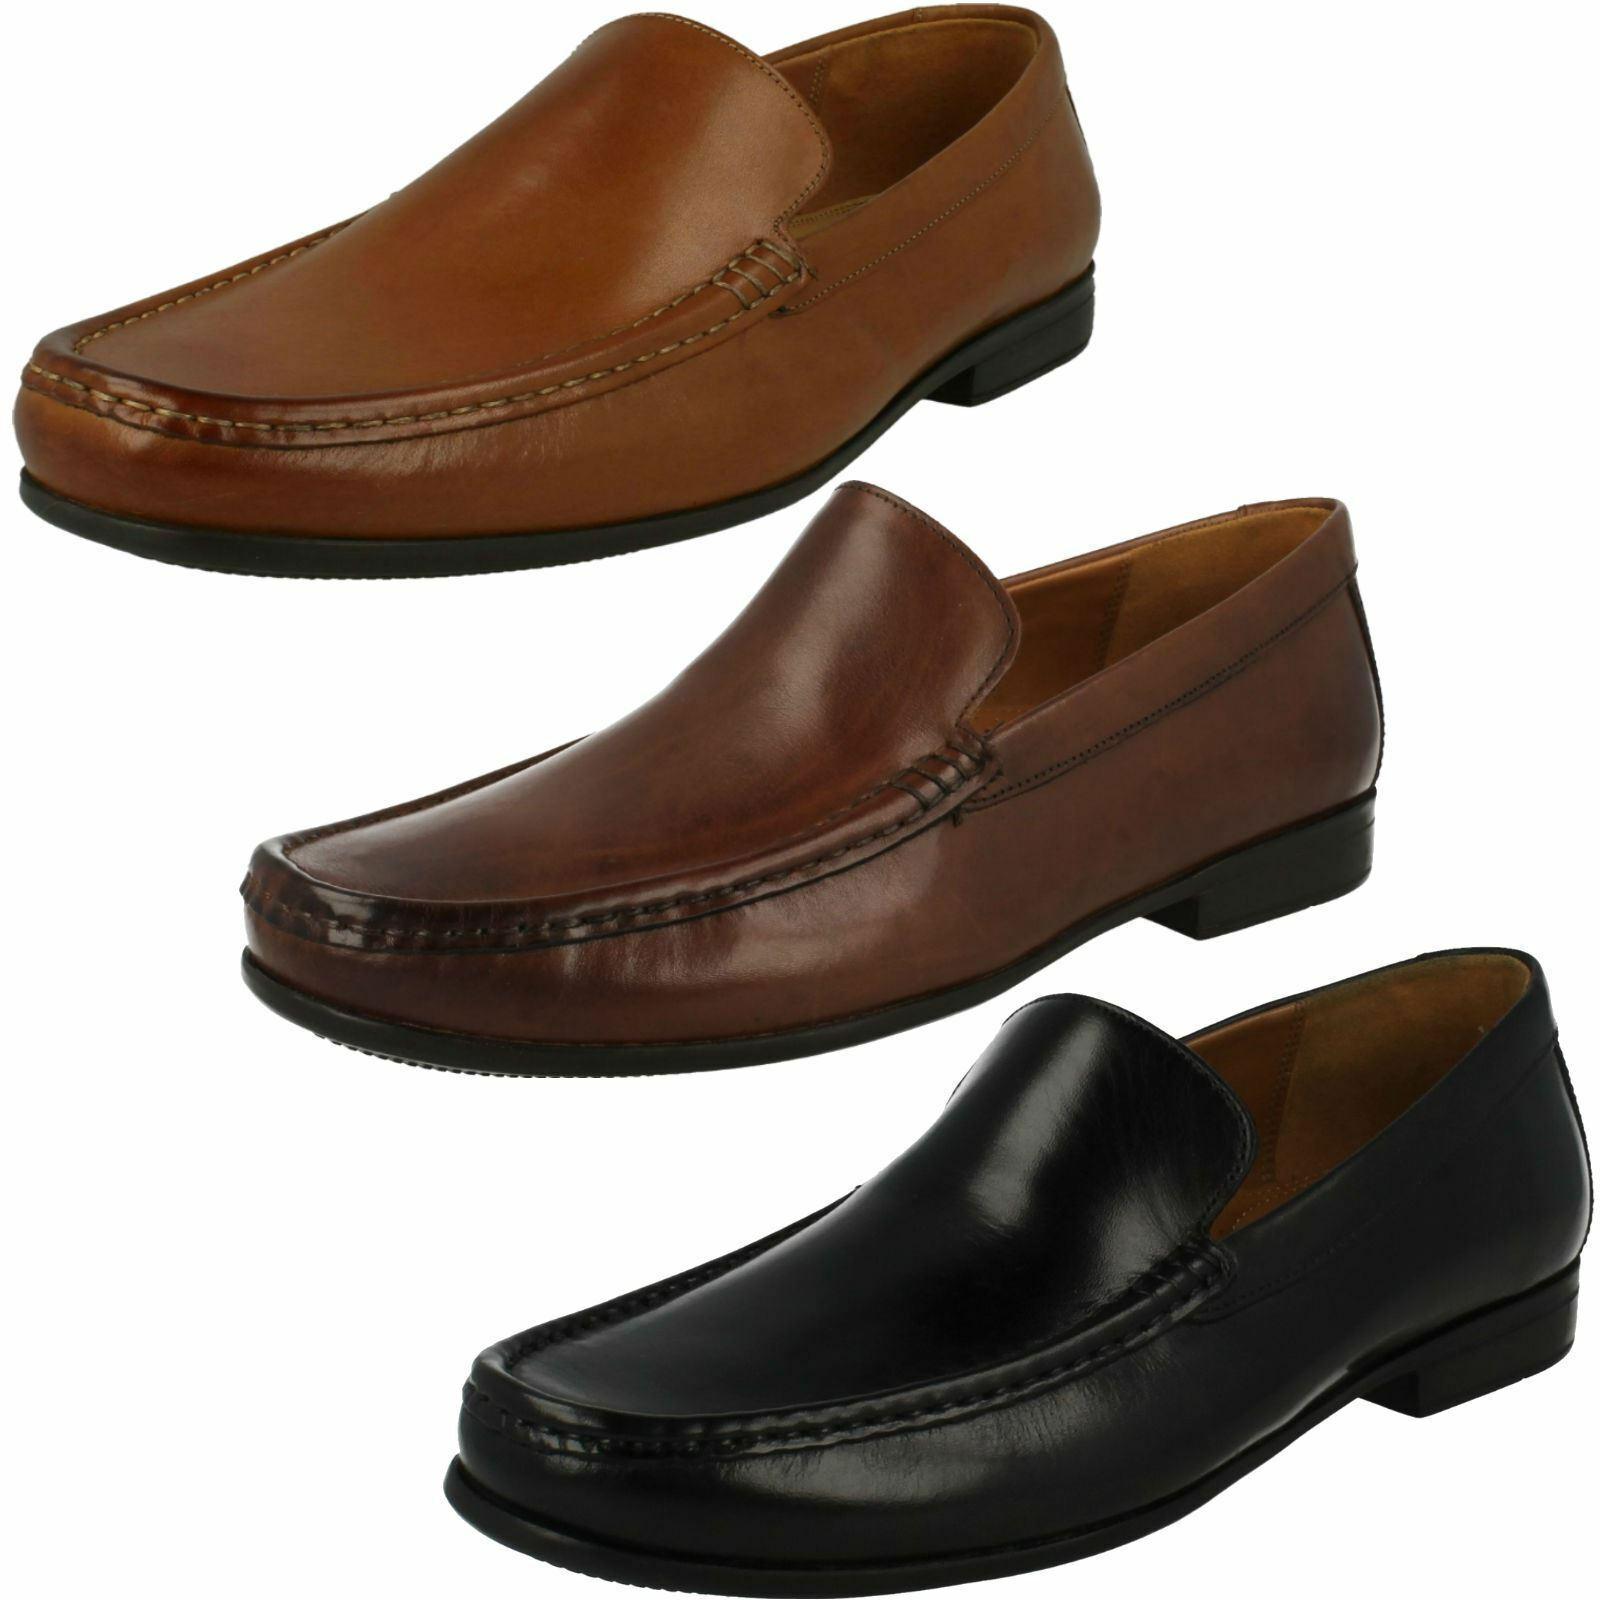 consegna e reso gratuiti Clarks Da Da Da Uomo Formale Mocassini Scarpe CLAUDE Plain  tutto in alta qualità e prezzo basso